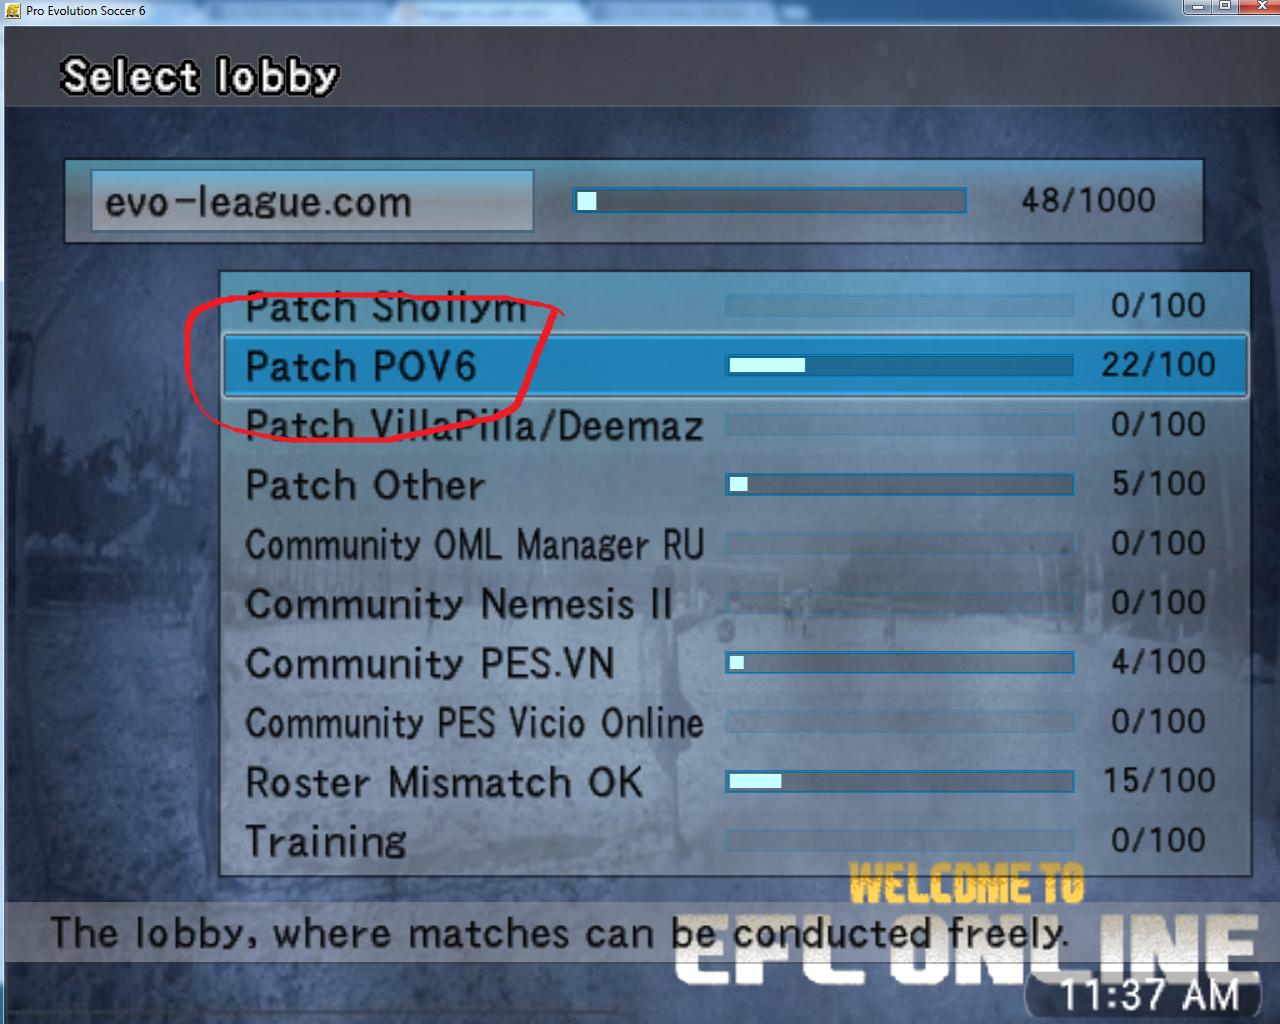 patch konami-win32pes6opt 2013 mediafir